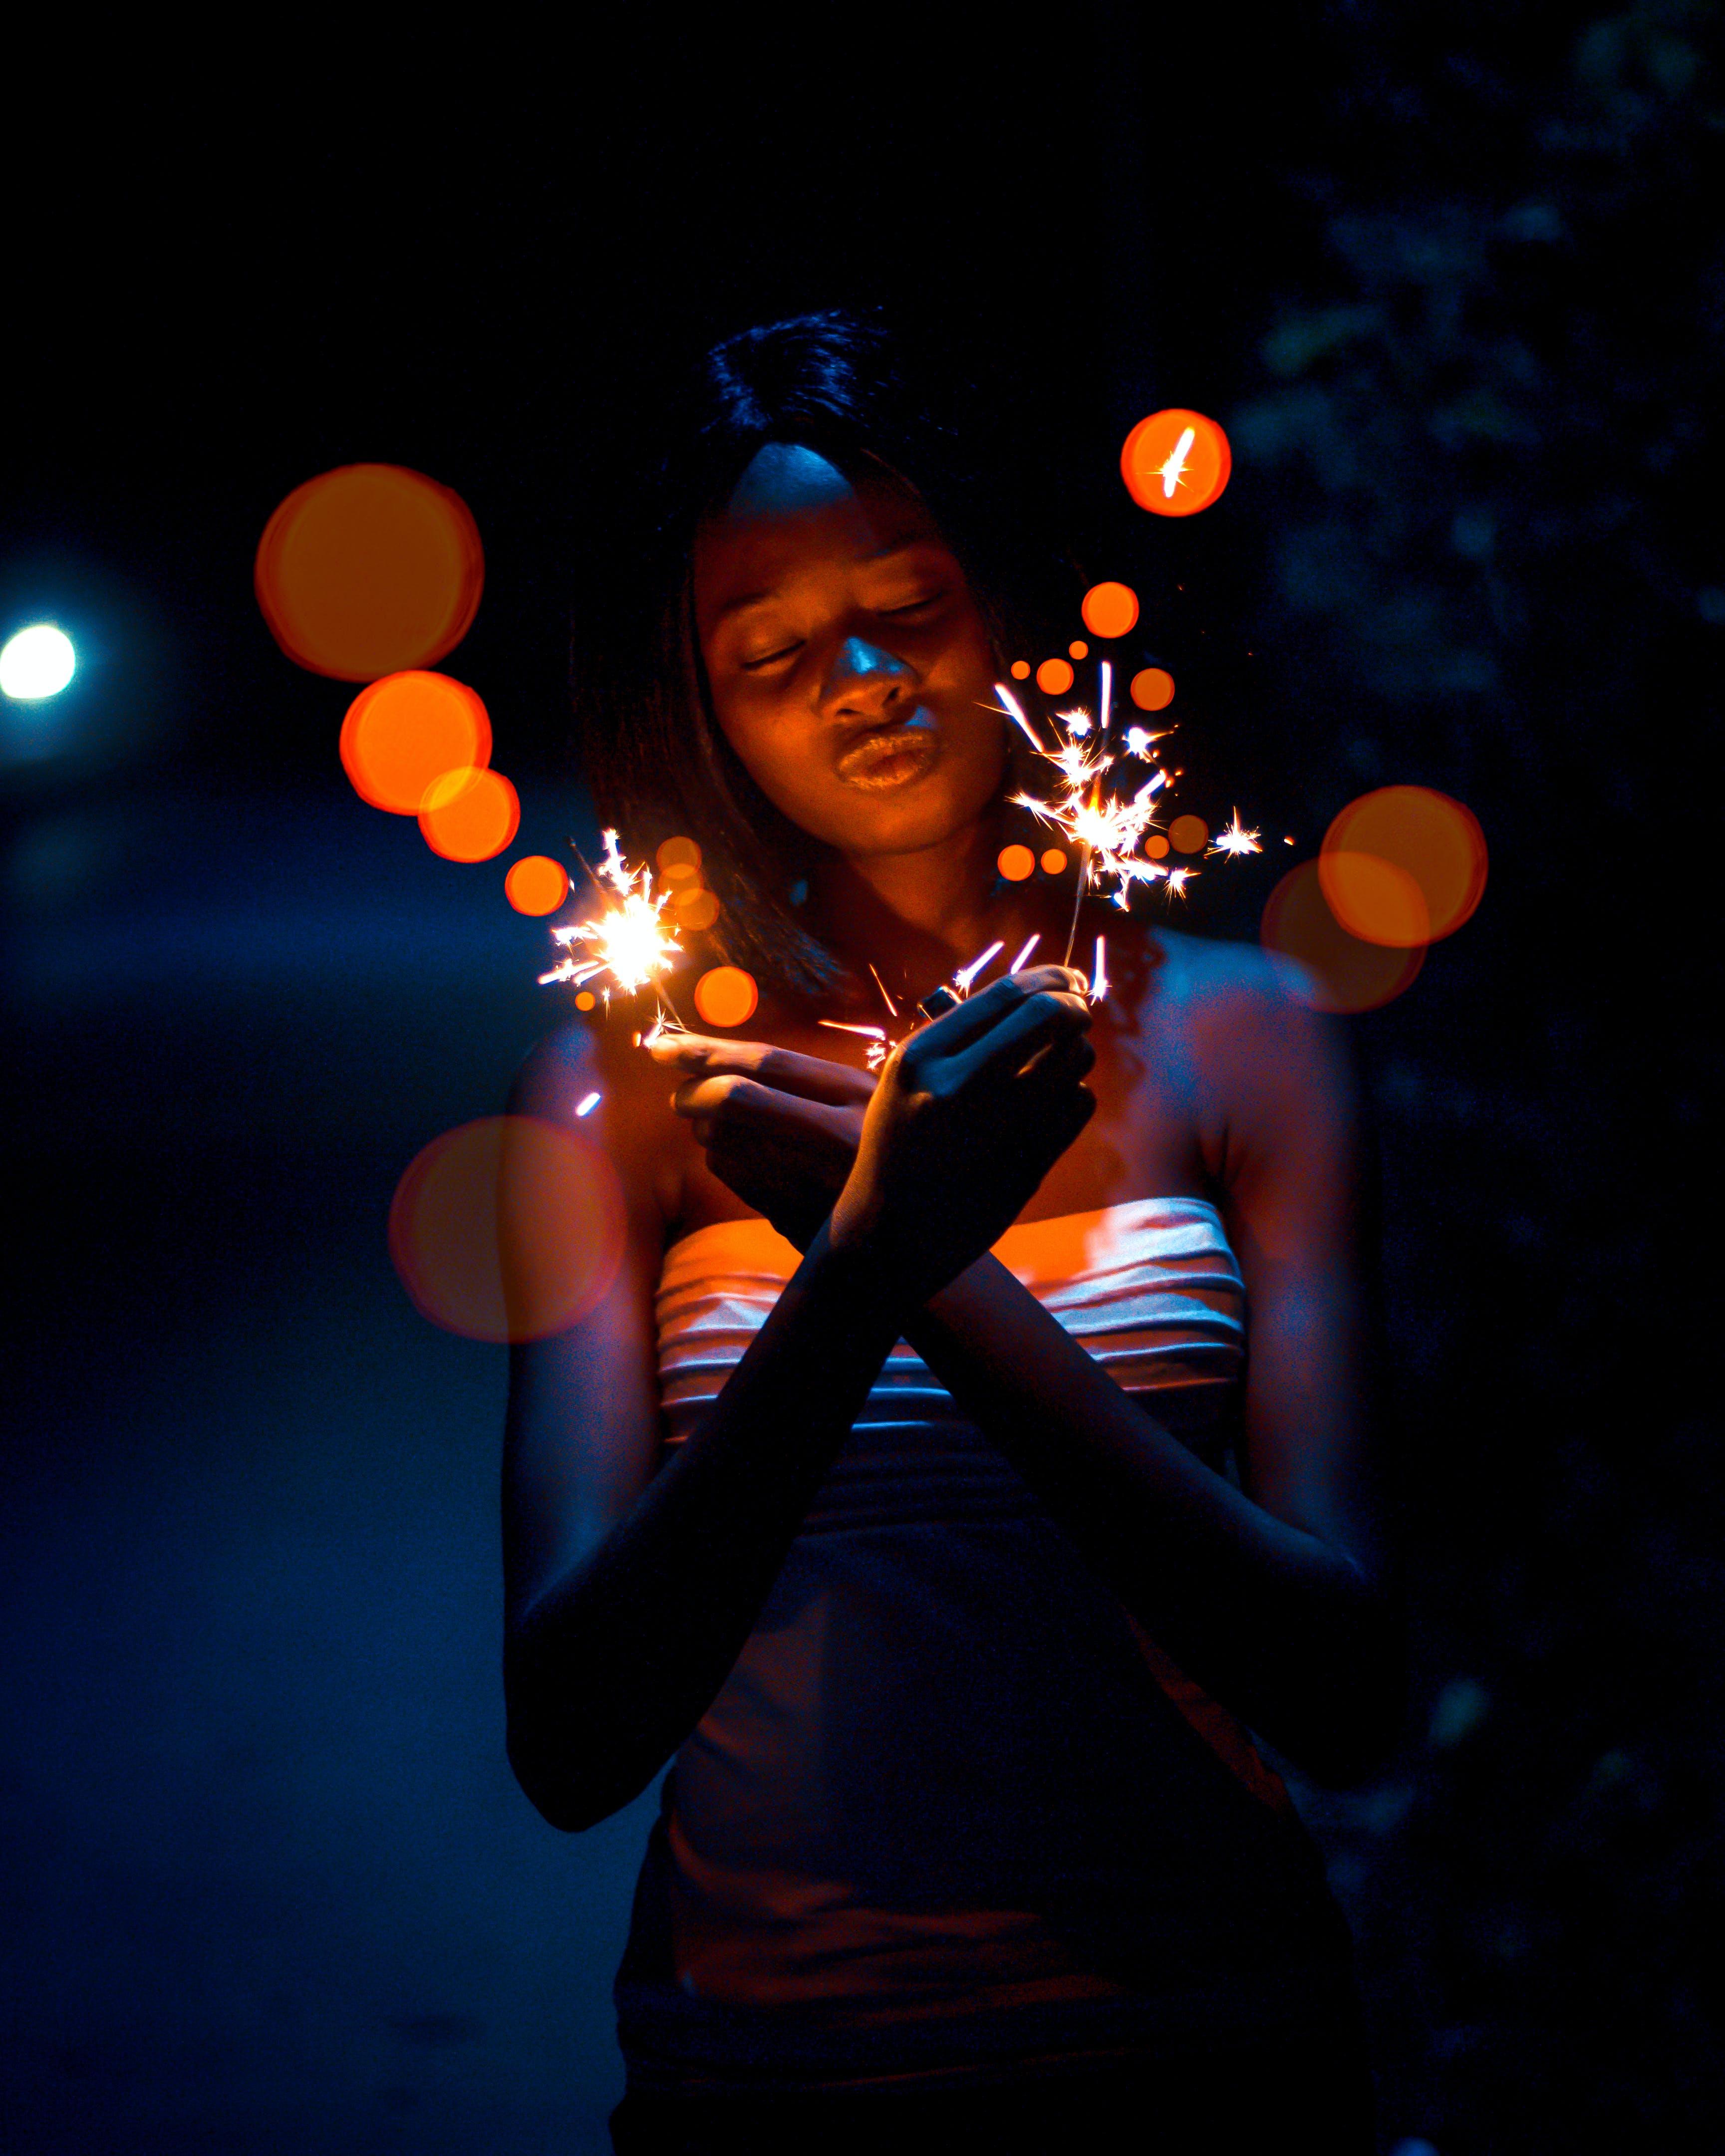 Δωρεάν στοκ φωτογραφιών με άνθρωπος, αστερίες, γιορτή, γυναίκα